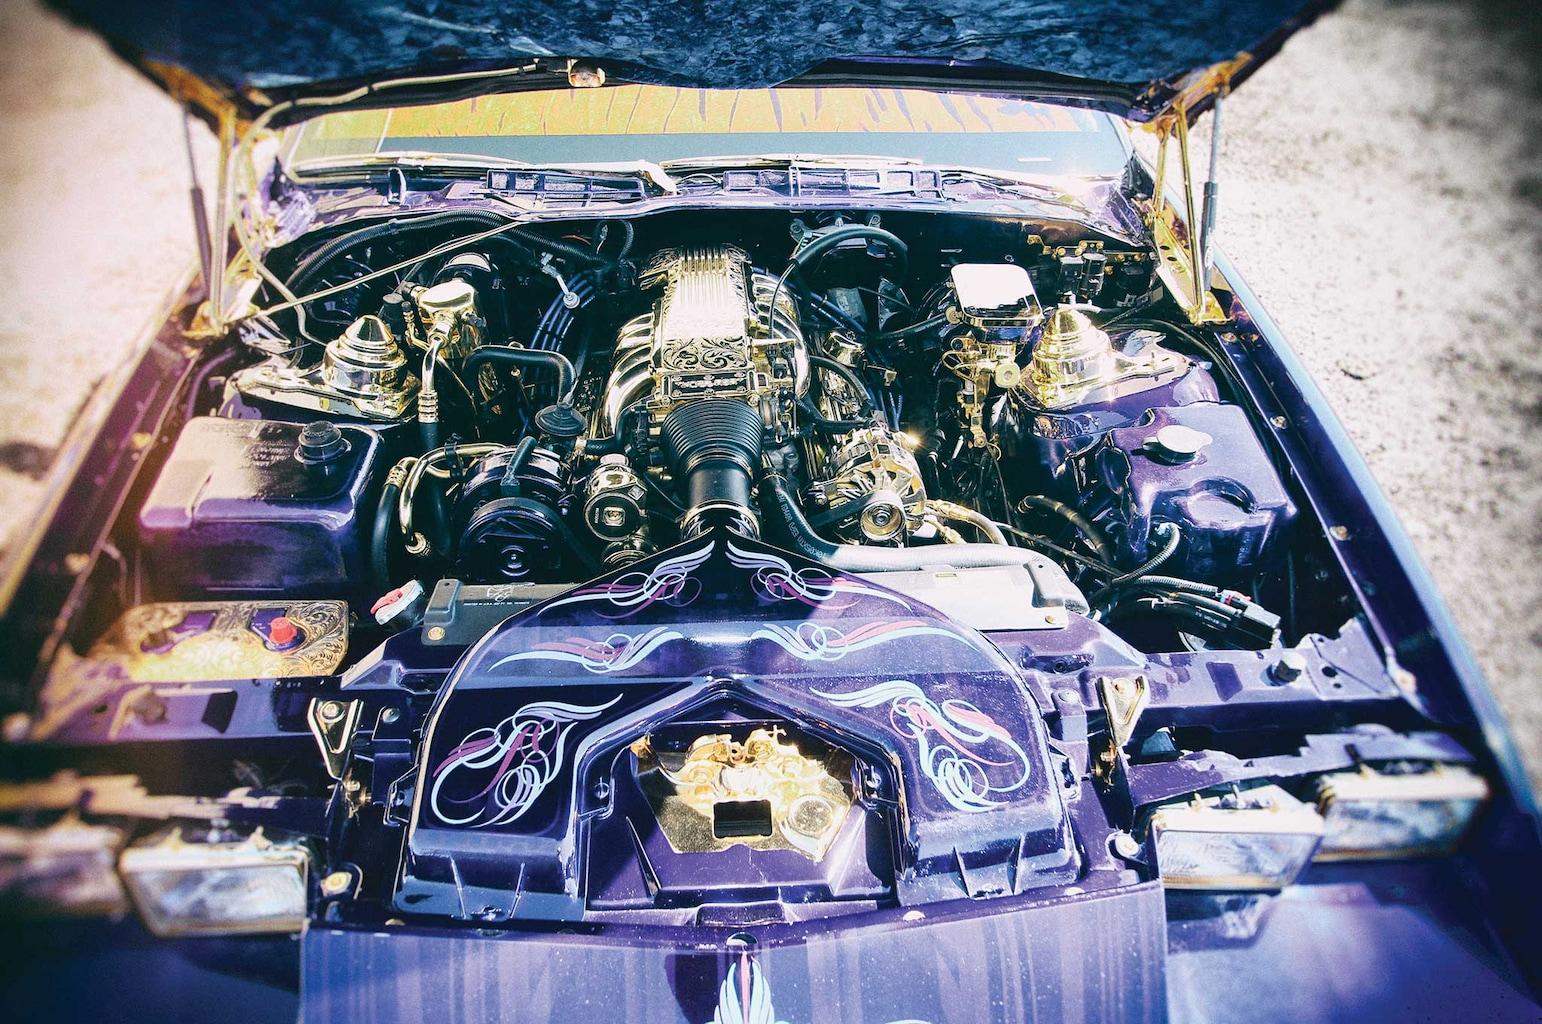 1989 chevrolet camaro iroc z chevy 350 cid 005